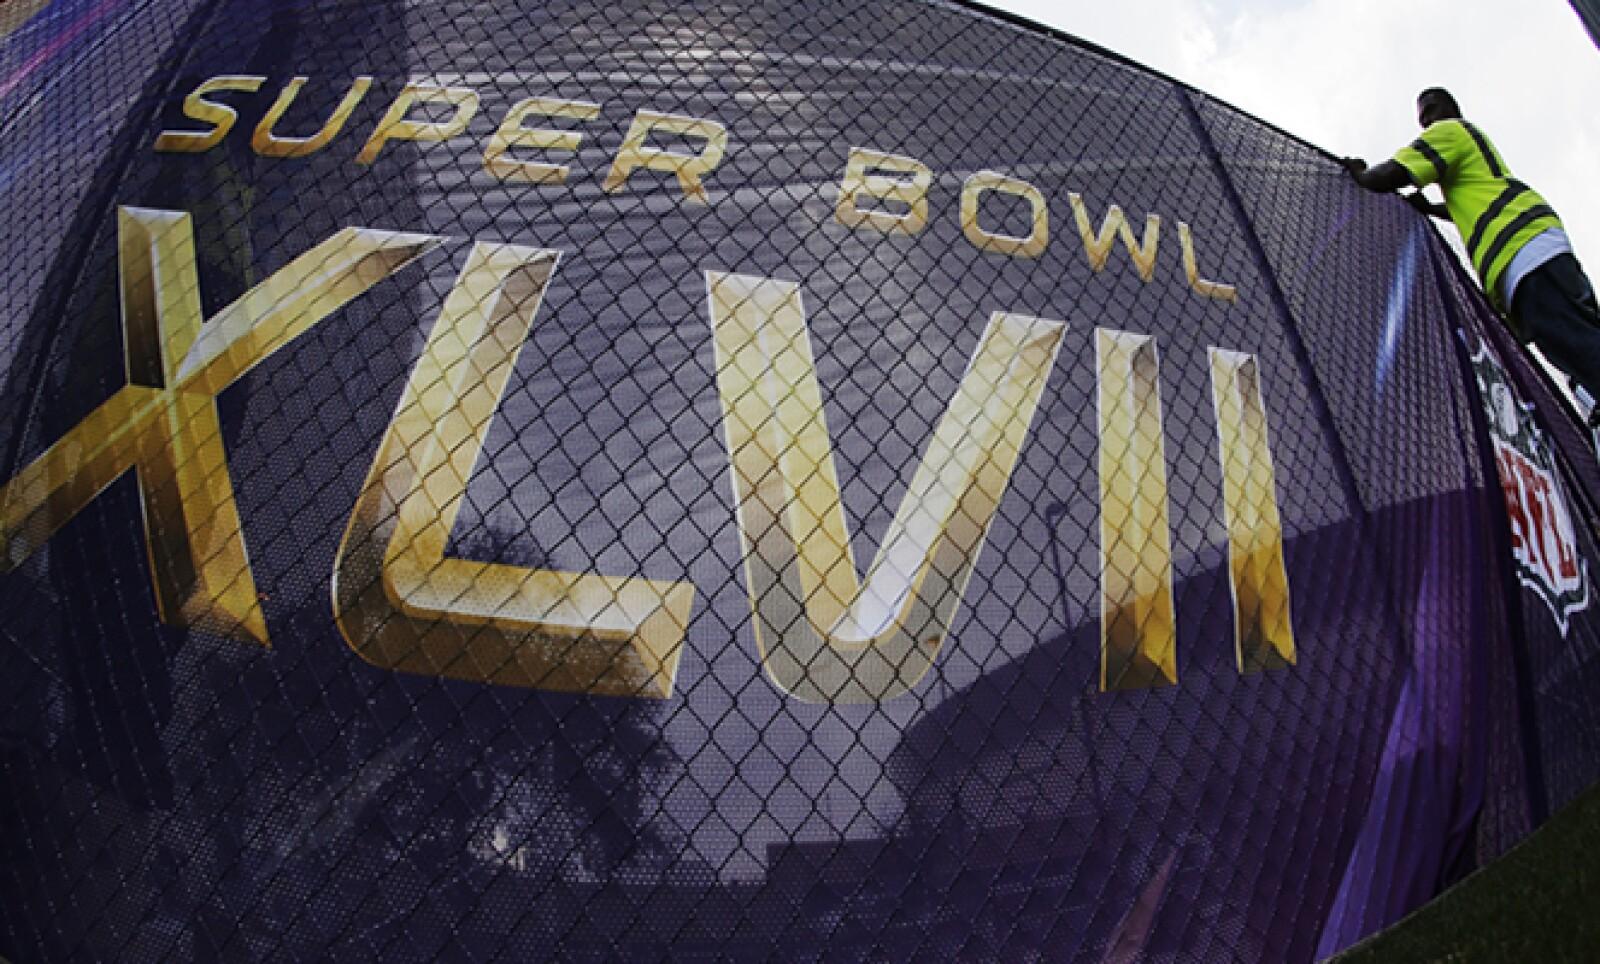 Este domingo 3 de febrero se realizará otra edición del Super Bowl en el estadio Superdome de Nueva Orleans. Los espacios para la venta de publicidad durante el juego, están agotados.